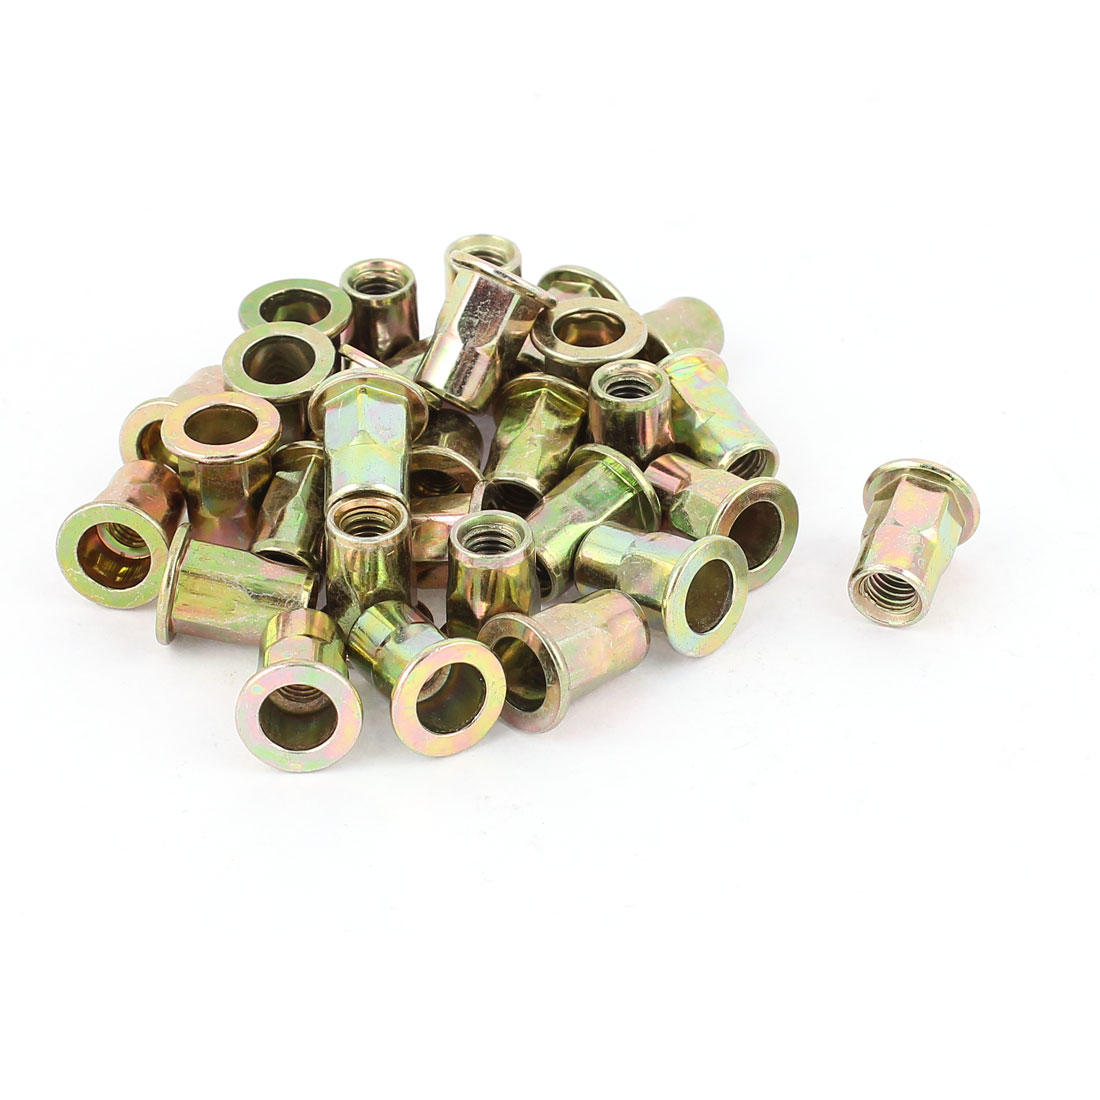 6mmx15mm Flat Head Metal Rivet Nut Insert Nutsert Gold Tone 30Pcs